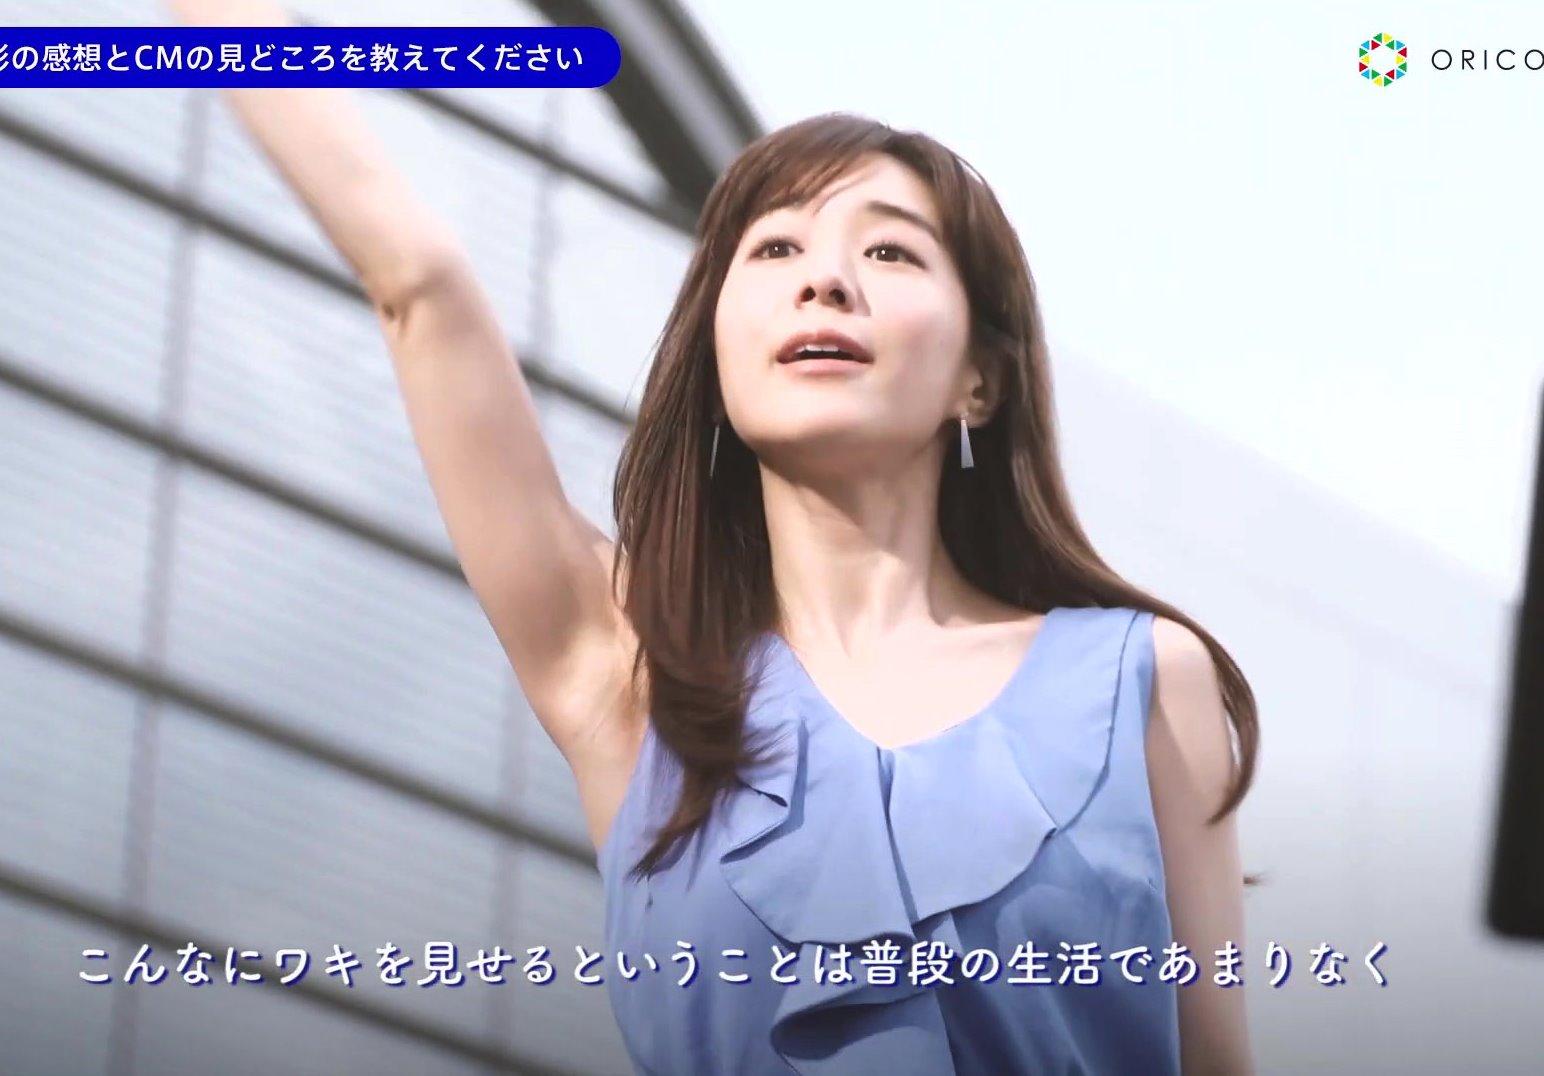 田中みな実の美腋 (3)